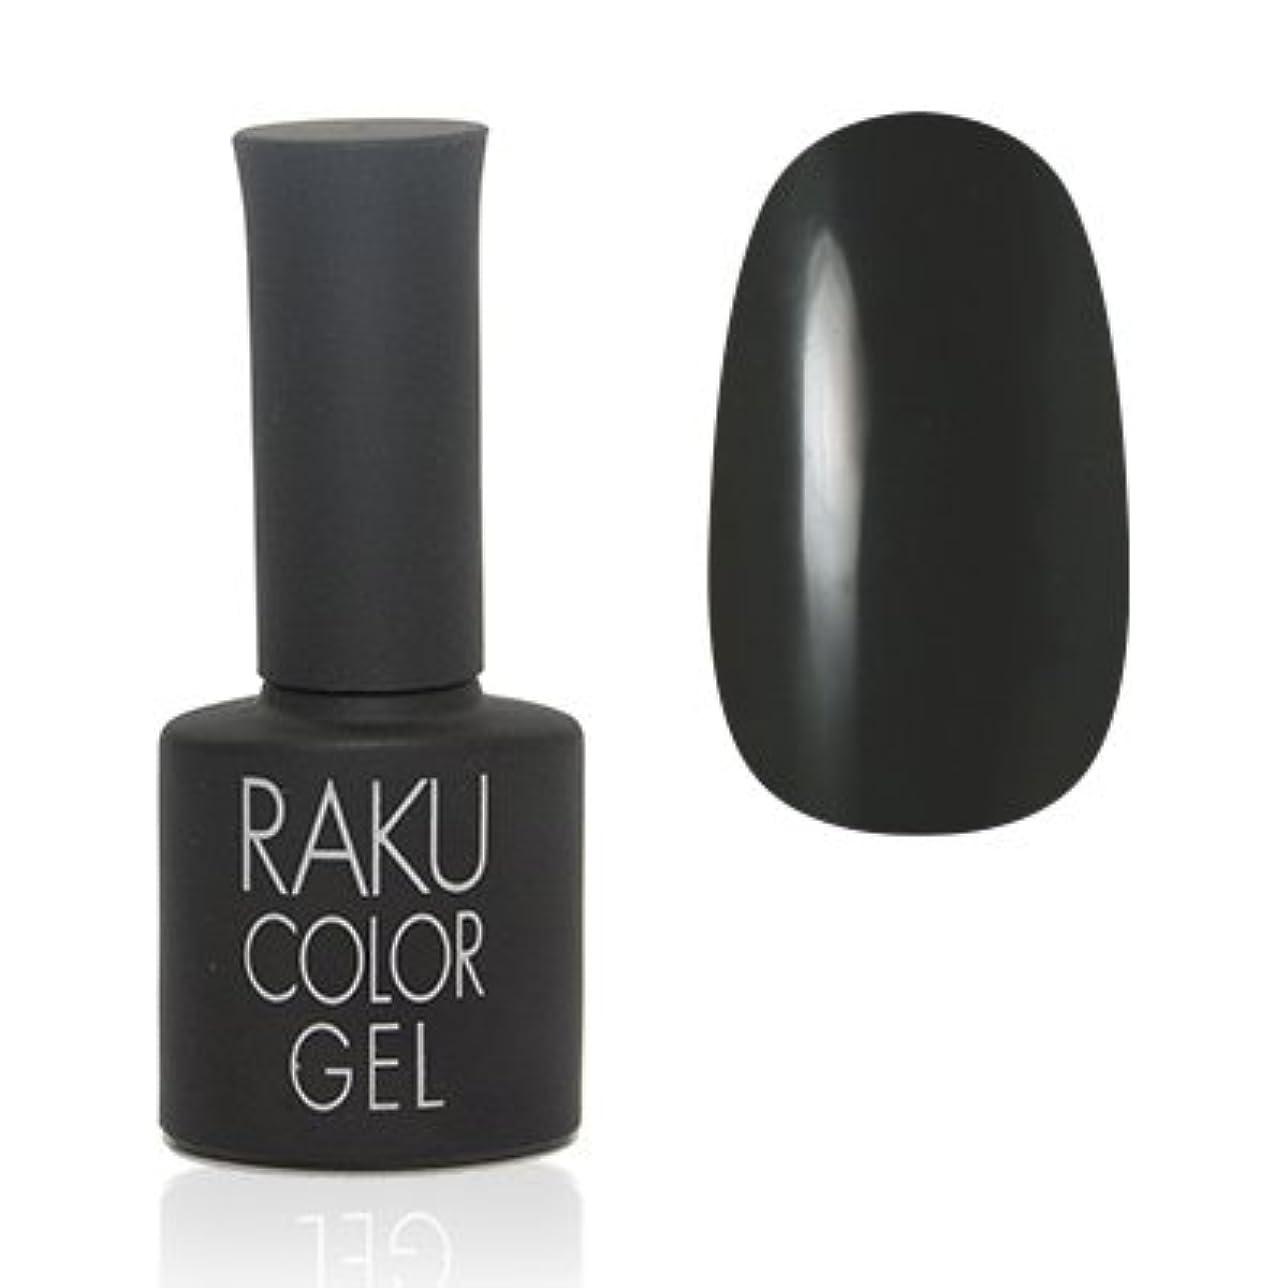 何か味飼い慣らすラク カラージェル(31-ブラック)8g 今話題のラクジェル 素早く仕上カラージェル 抜群の発色とツヤ 国産ポリッシュタイプ オールインワン ワンステップジェルネイル RAKU COLOR GEL #31